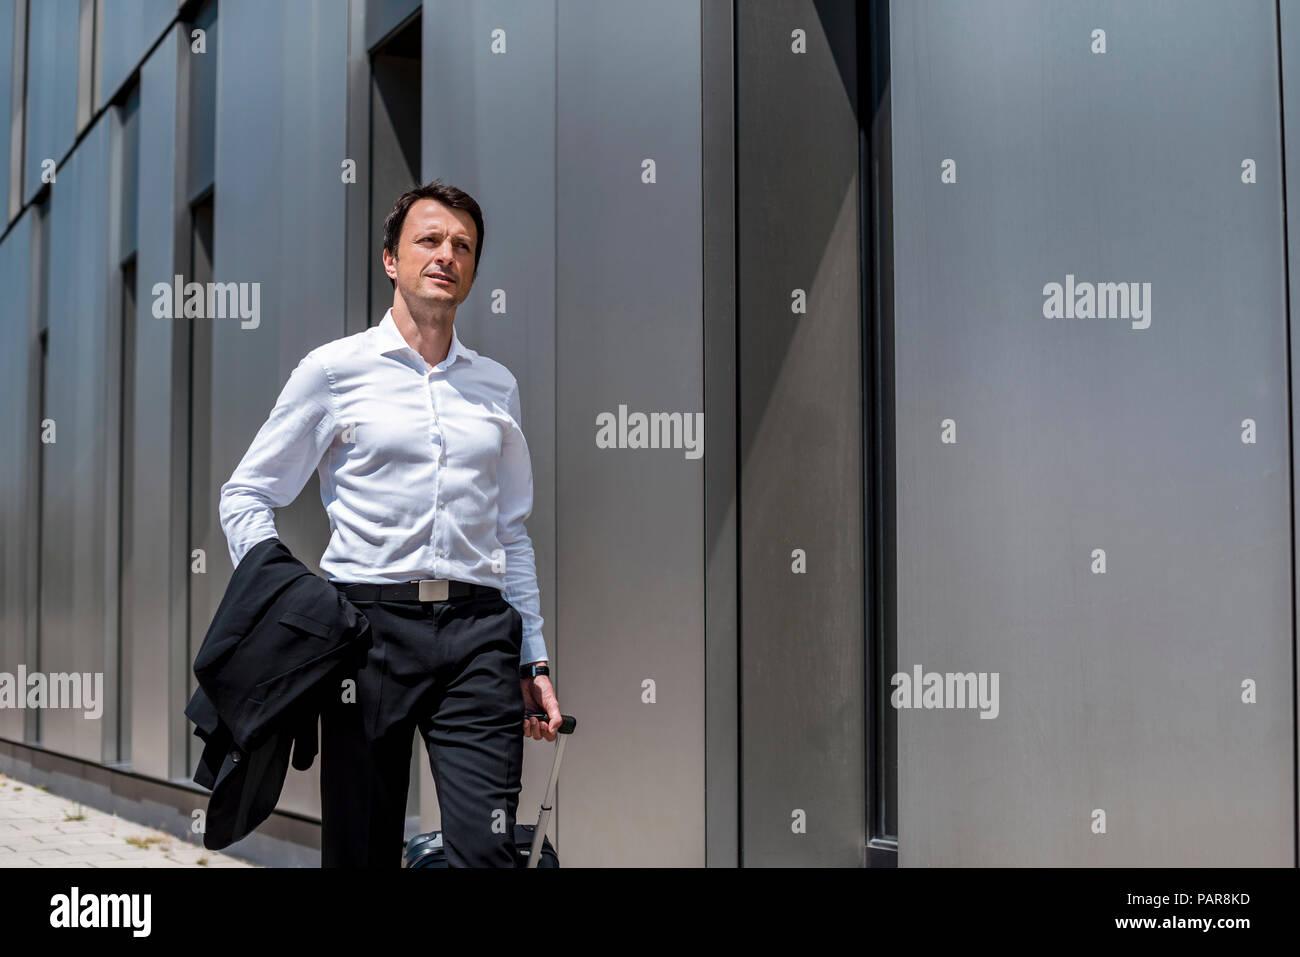 Businessman with rolling suitcase marcher dans la ville Photo Stock